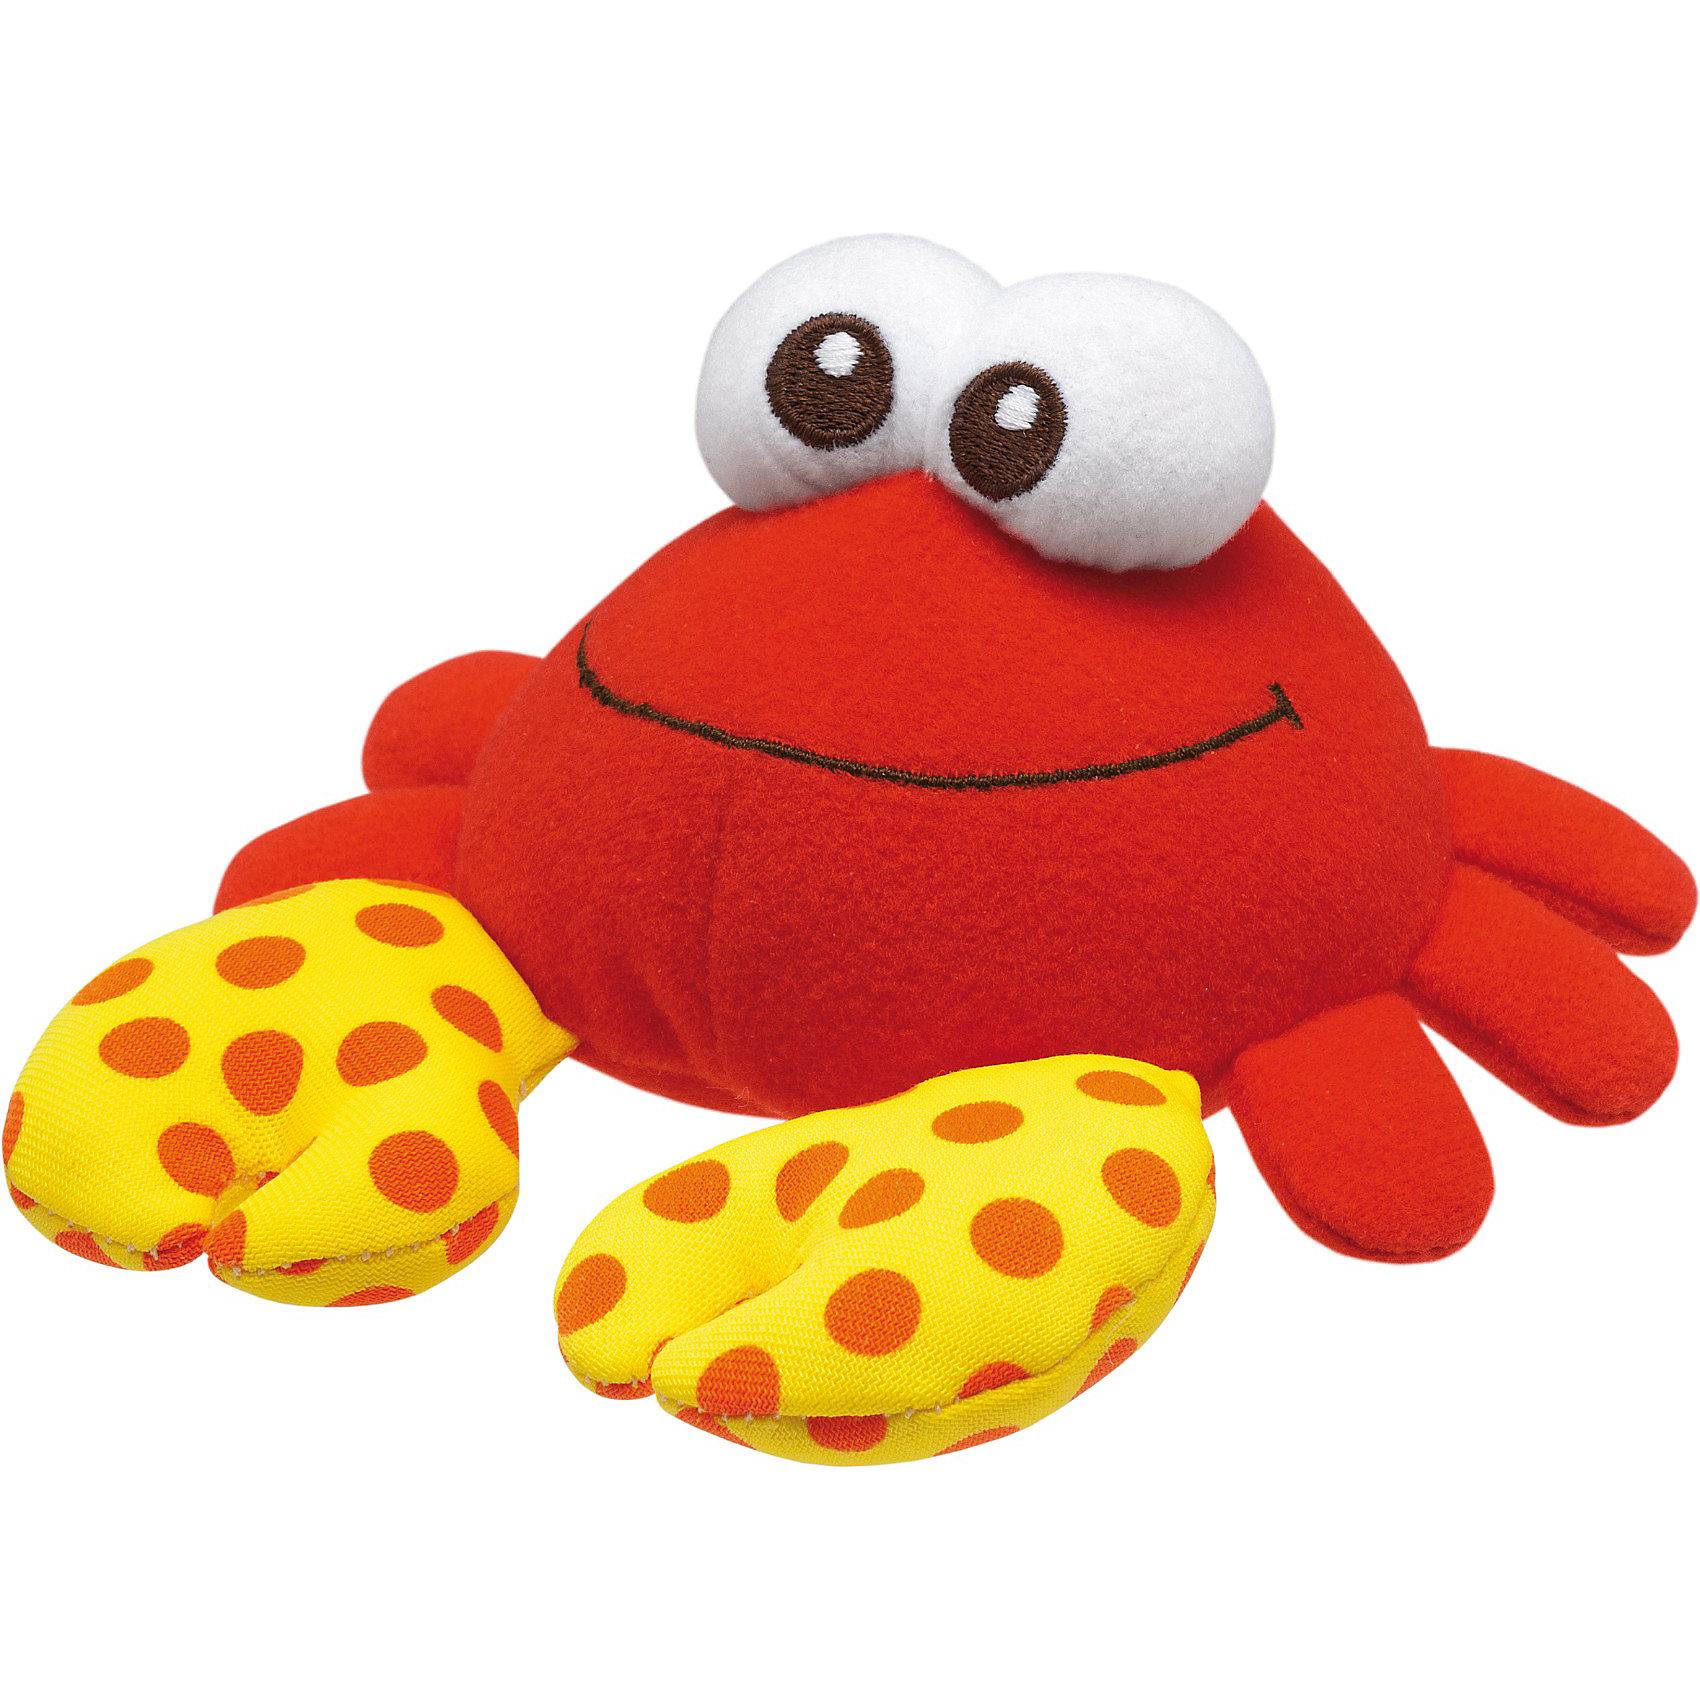 Игрушка для ванной  Волшебный краб, ChiccoИгрушки - постирай-ки<br>Игрушка для ванны Волшебный краб от Chicco (Чико) - забавная яркая игрушка, которая развлечет малыша во время купания. Крабик выполнен в ярких красно-желтых тонах. Он очень мягкий и приятный на ощупь, изготовлен из материалов разной фактуры, что стимулирует развитие тактильных навыков ребенка. Крабик может также использоваться как градусник для определения комфортной температуры воды: если вода слишком горячая для купания малыша, рисунок в горошек на ткани исчезает, в прохладной воде - проявляется. Крабик быстро сохнет, допускается ручная стирка.<br><br>Дополнительная информация:<br><br>- Материал: текстиль.<br>- Размер игрушки: 13 х 12 х 5,5 см. <br>- Размер упаковки: 16,5 х 21 х 5,5 см. <br>- Вес: 86 гр.<br><br> Игрушку для ванны Волшебный краб, Chicco (Чико) можно купить в нашем интернет-магазине.<br><br>Ширина мм: 210<br>Глубина мм: 157<br>Высота мм: 57<br>Вес г: 86<br>Возраст от месяцев: 6<br>Возраст до месяцев: 48<br>Пол: Унисекс<br>Возраст: Детский<br>SKU: 3688345